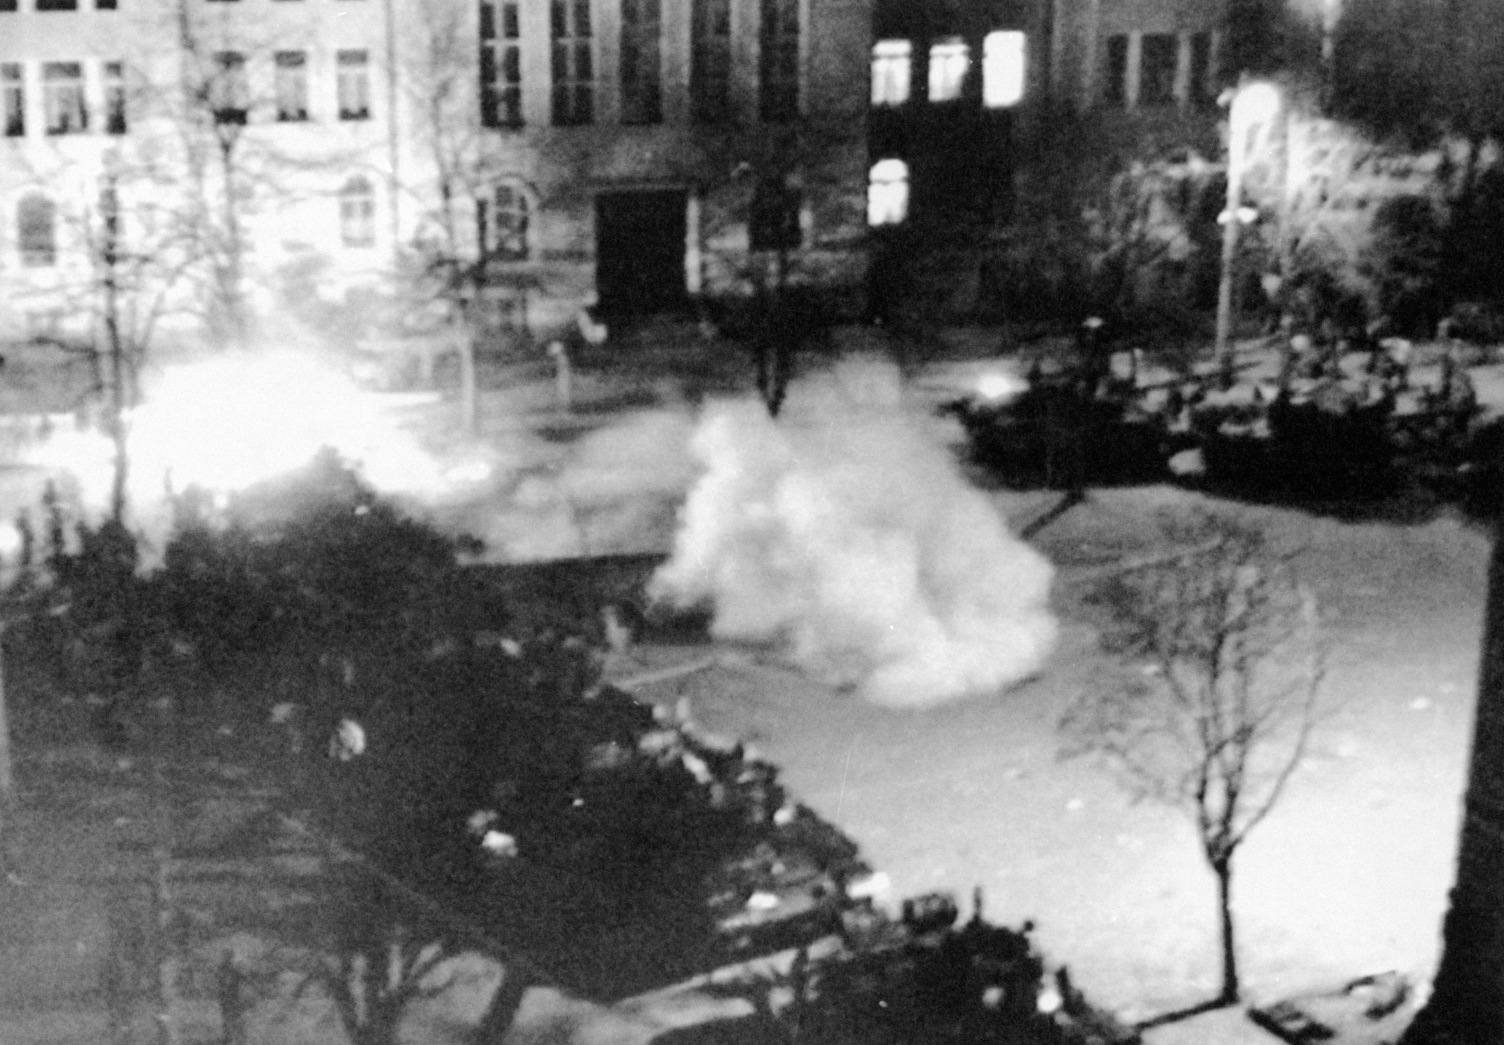 Tüntetők Marosvásárhelyen 1990. március 20-án. A kisebbségi jogaikért tüntető magyarok és a jogok megadását ellenző románok közötti összecsapás következtében hat ember meghalt, 300 megsebesült. (MTI/ROMPRESS)